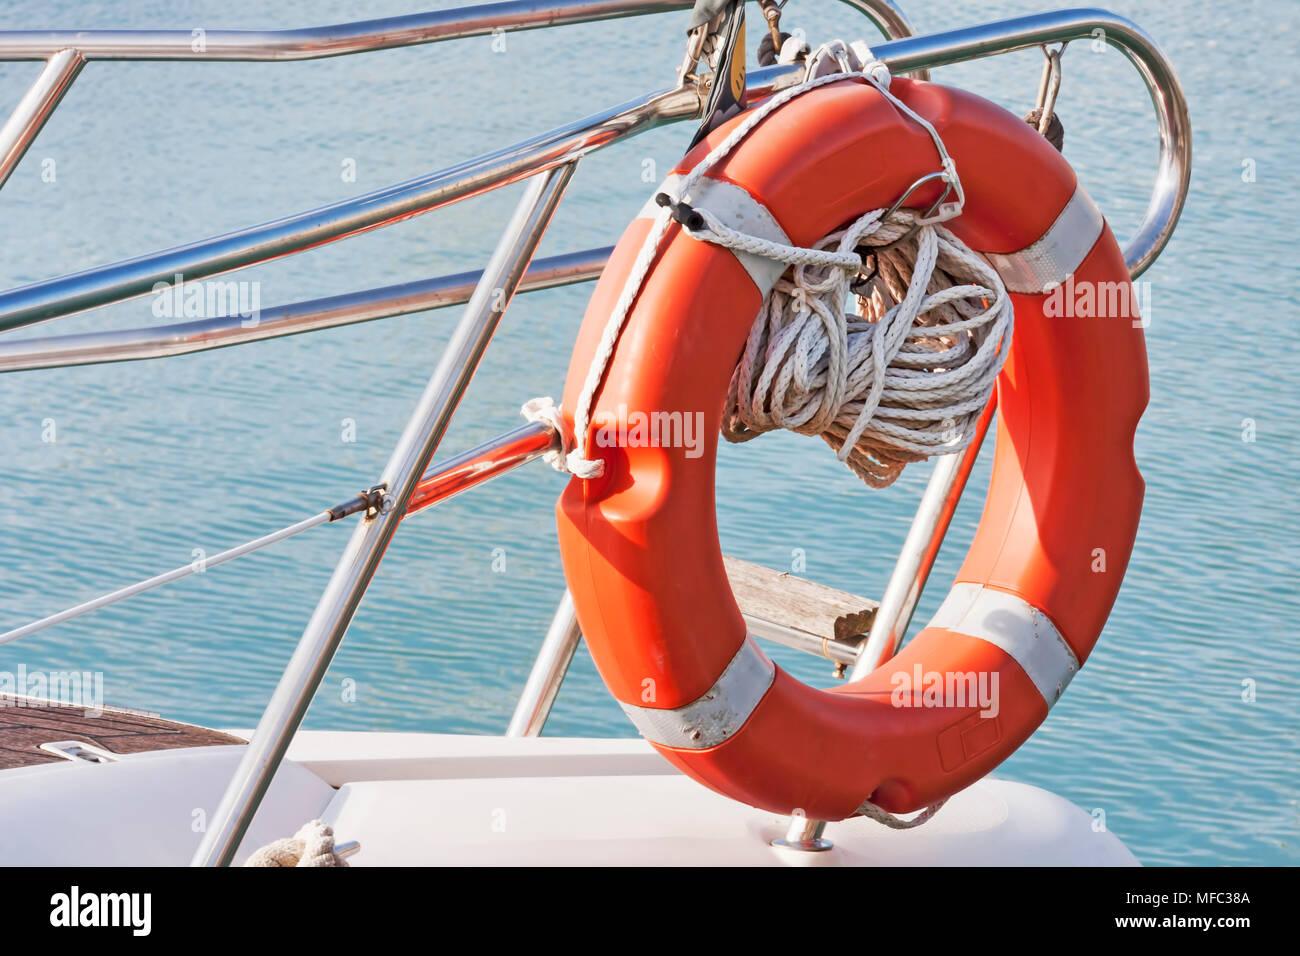 Lifeboat Equipment Imágenes De Stock & Lifeboat Equipment